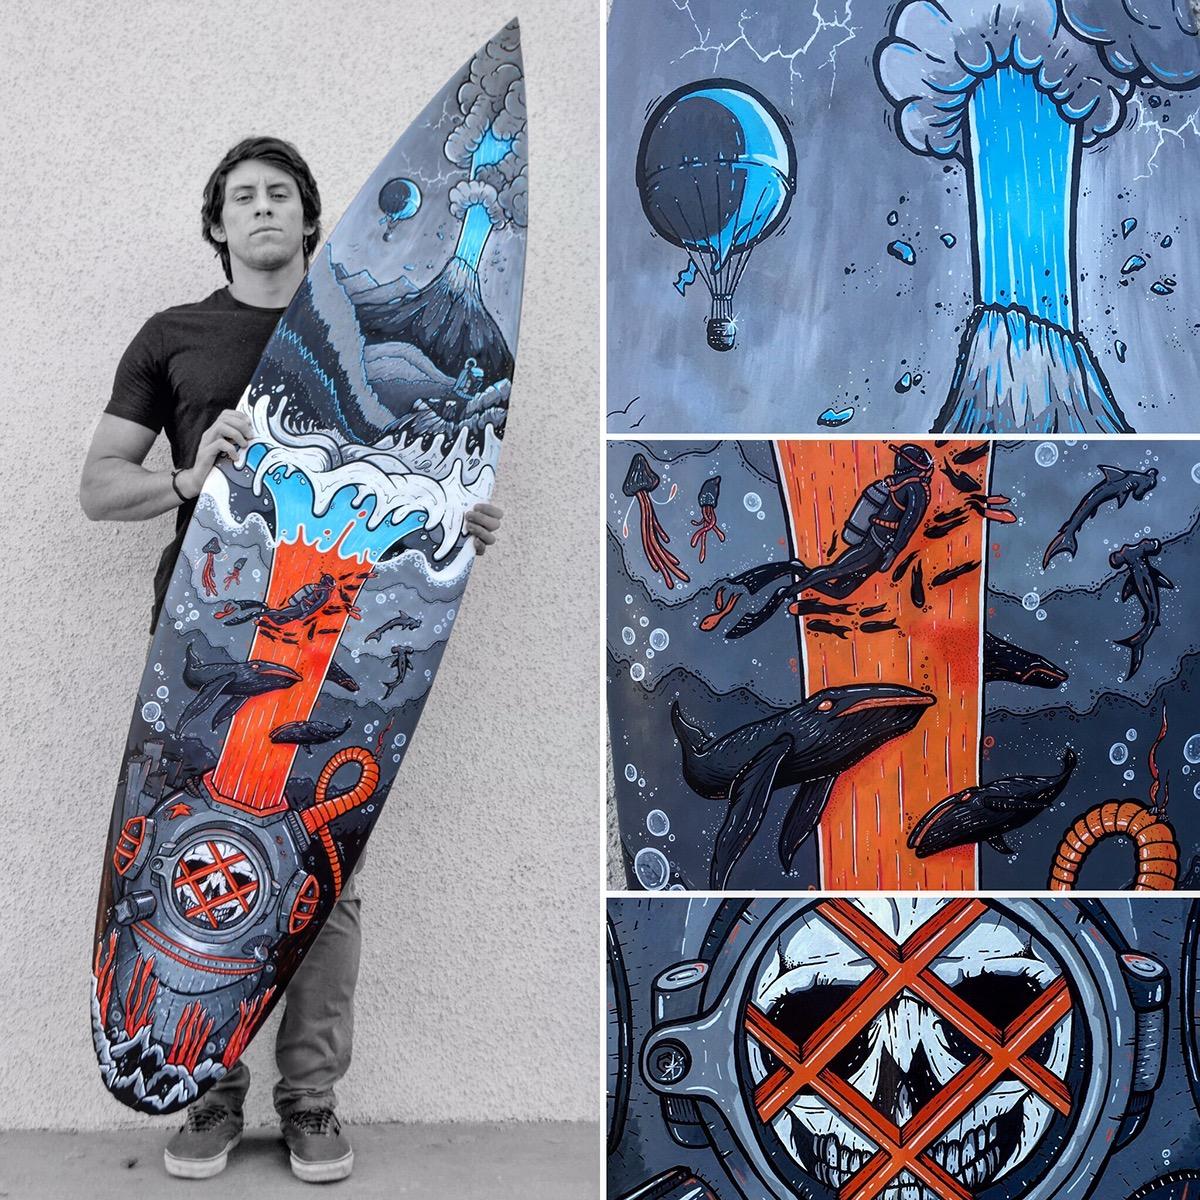 The Solrac, surf art del revés